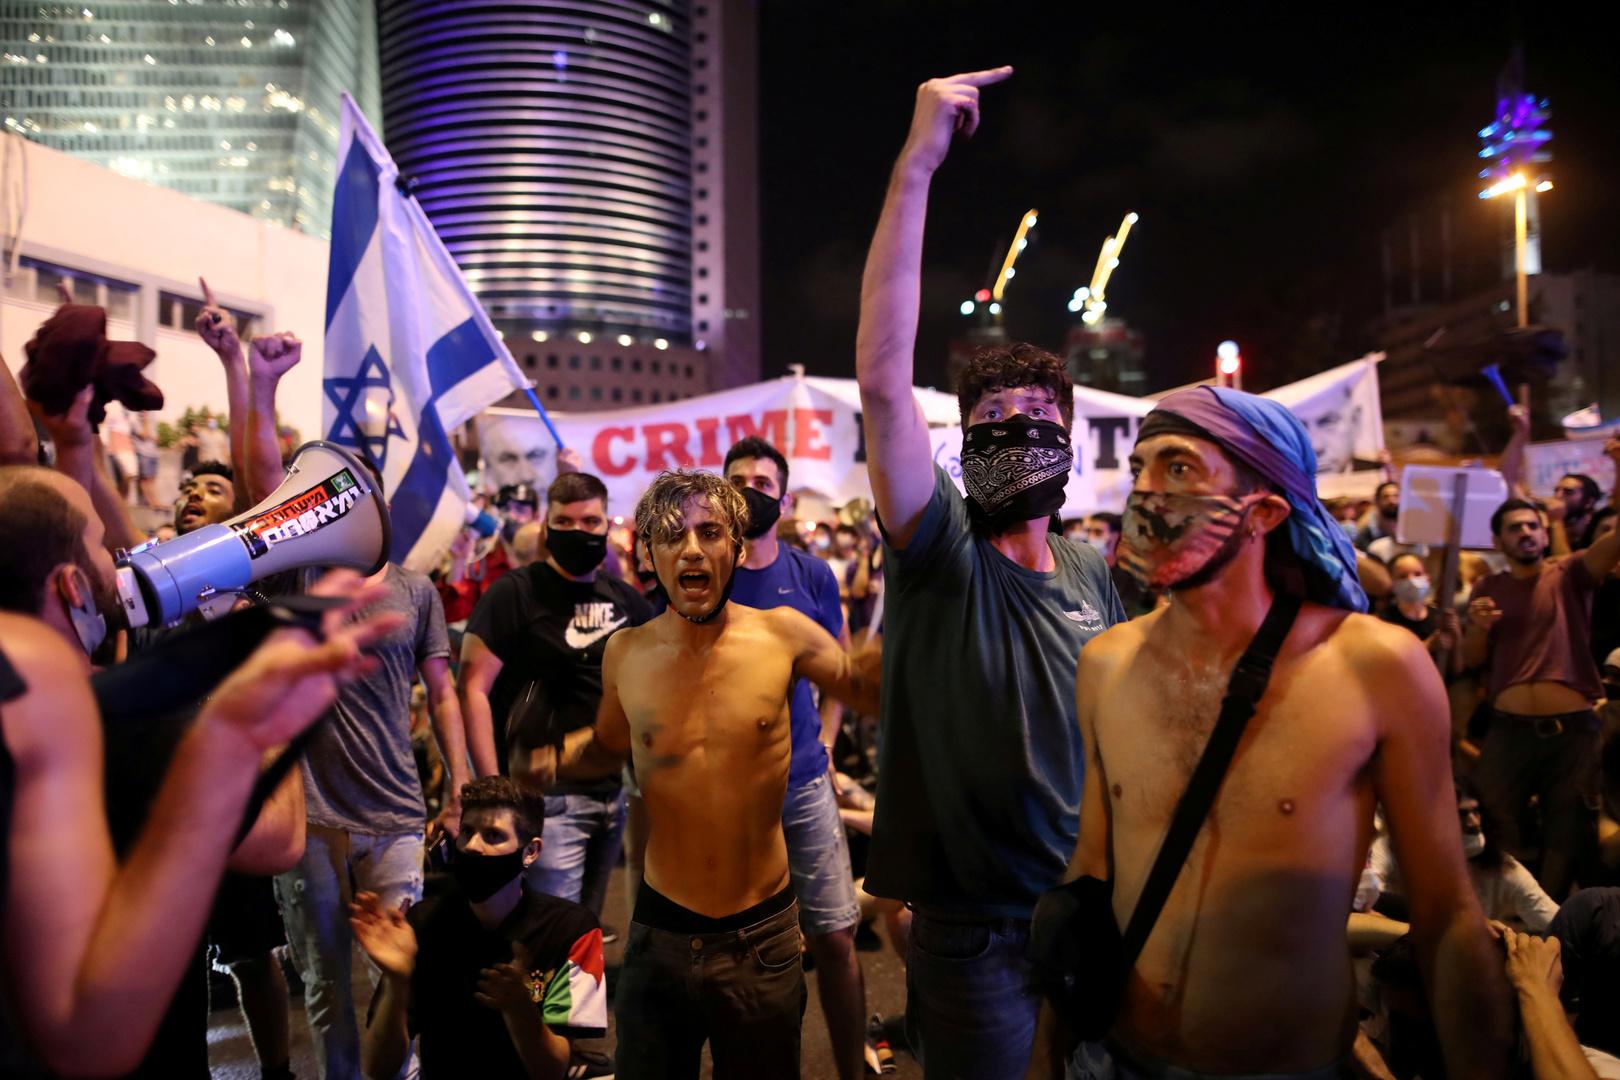 إسرائيل.. أعمال شغب على خلفية احتجاجات ضد سياسة حكومة نتنياهو في زمن كورونا